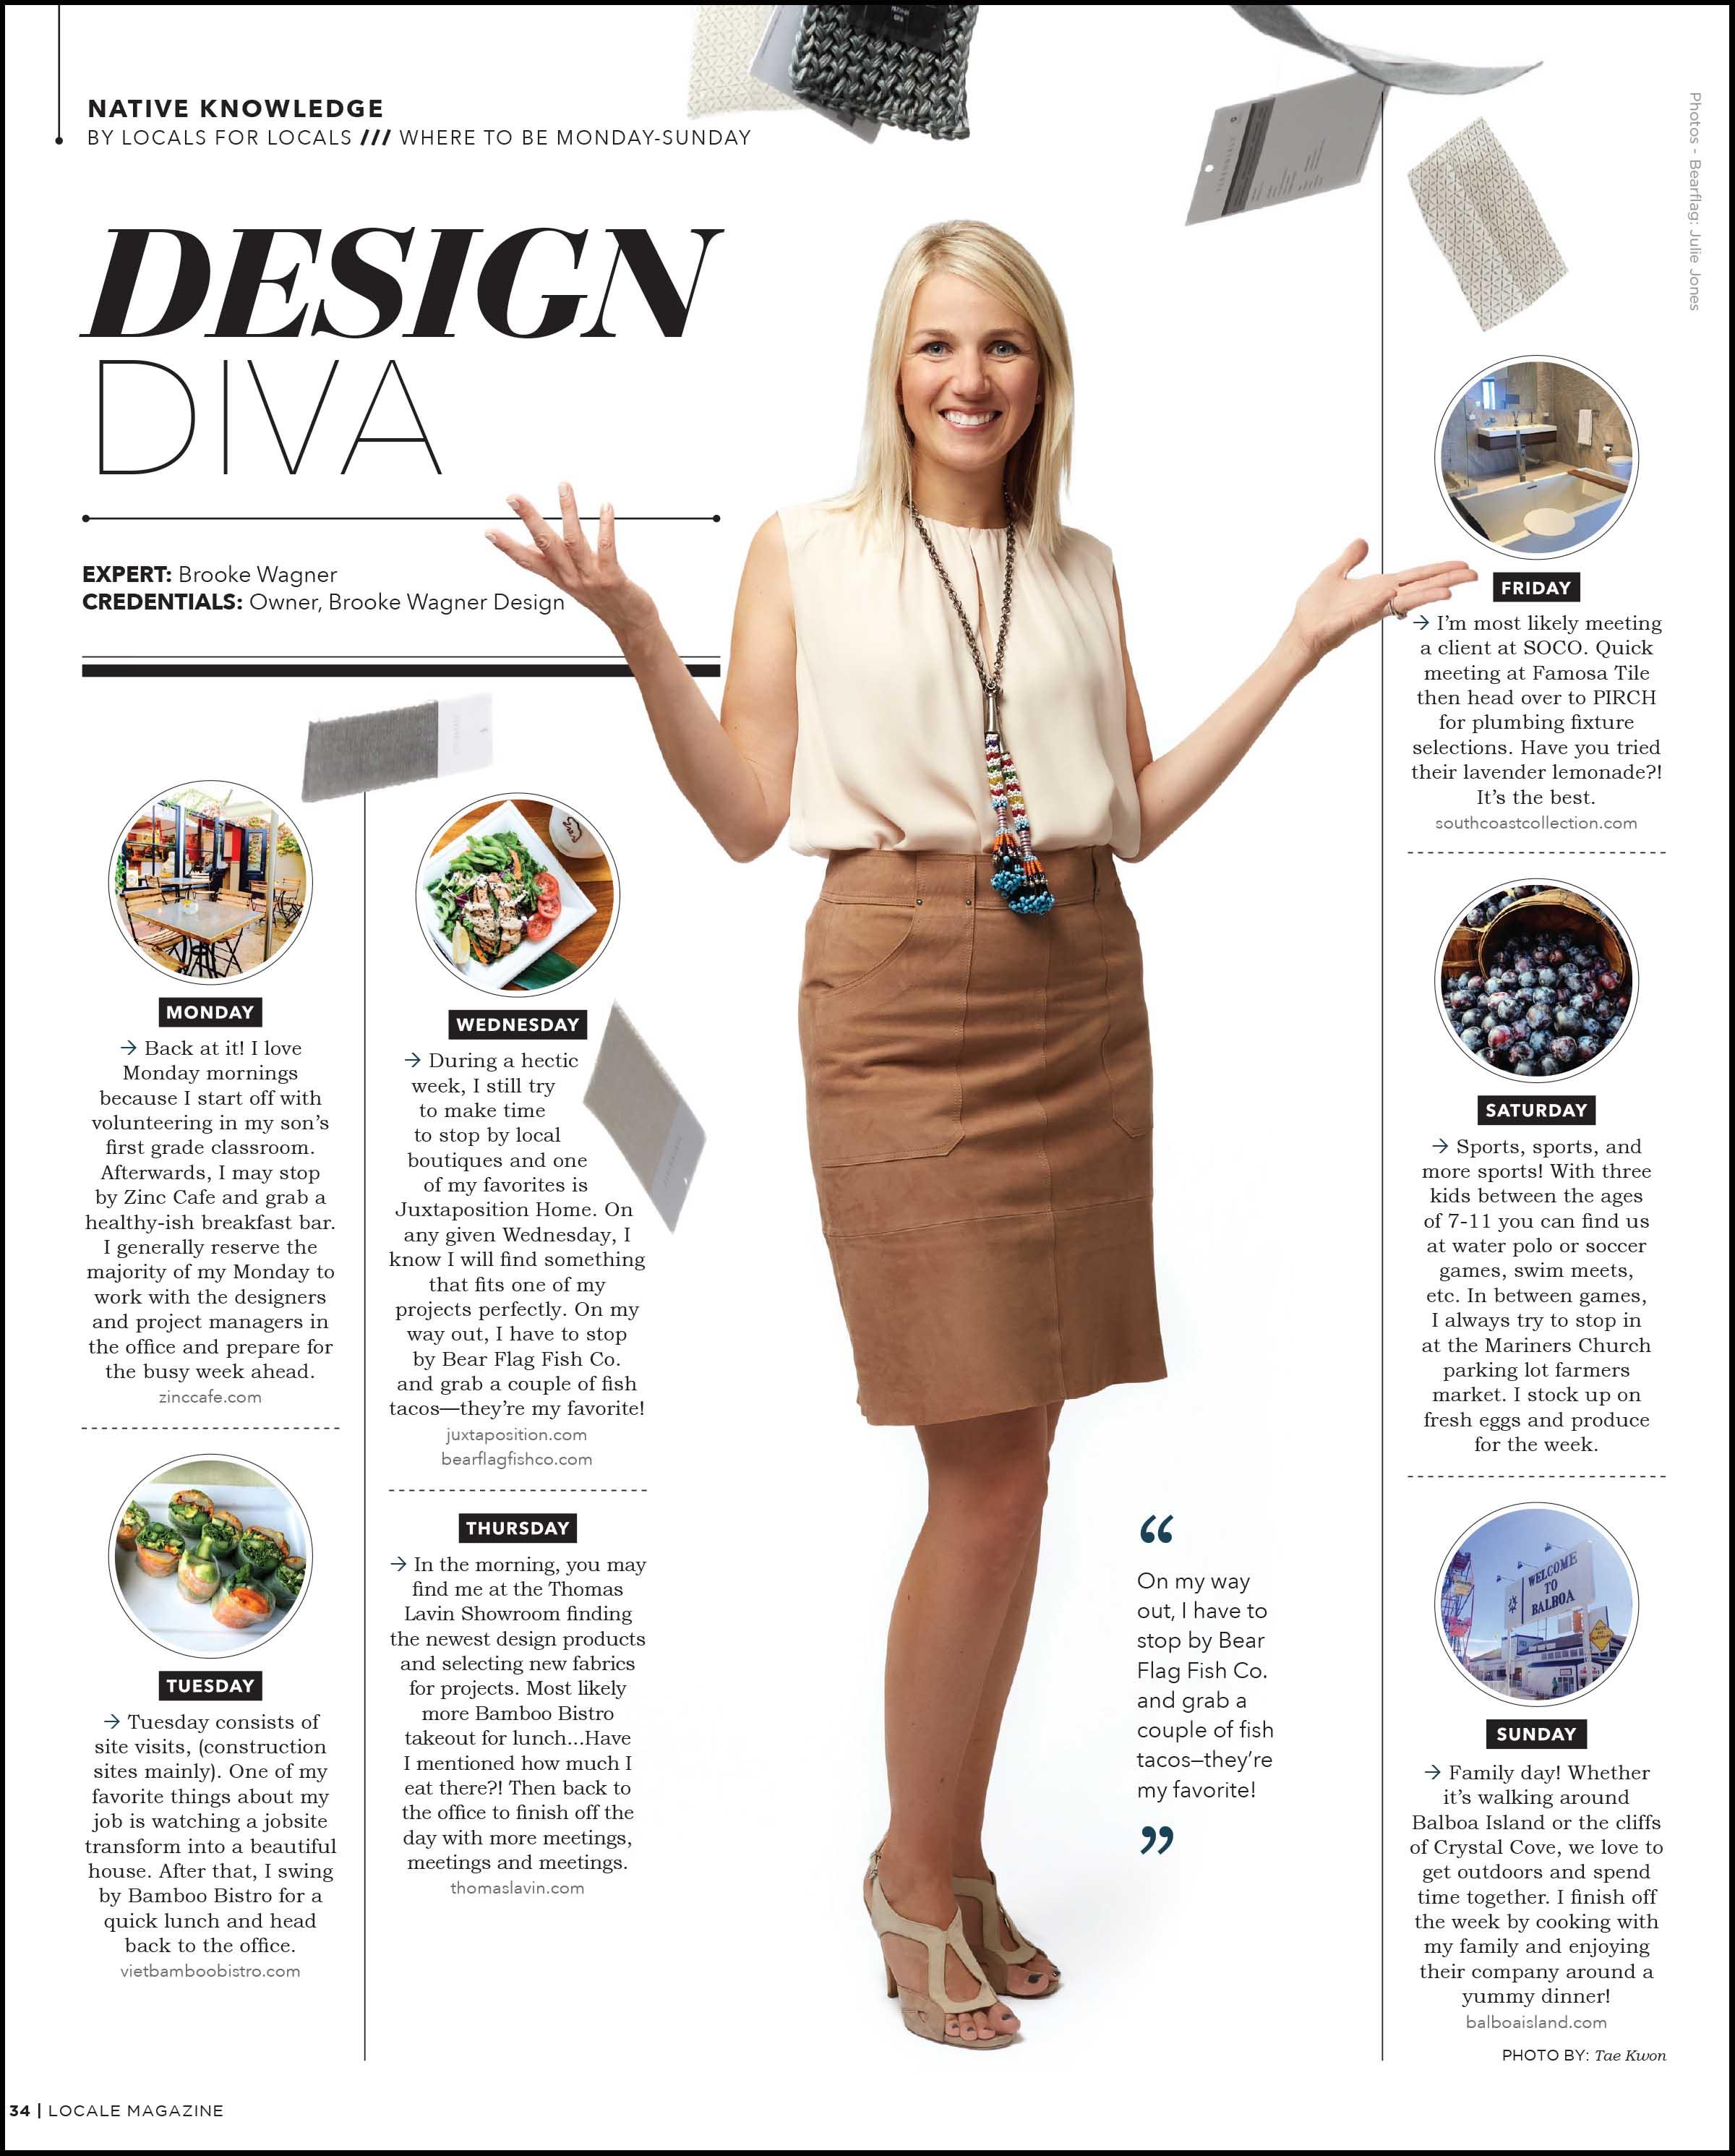 Brooke_Wagner: Interior Designer